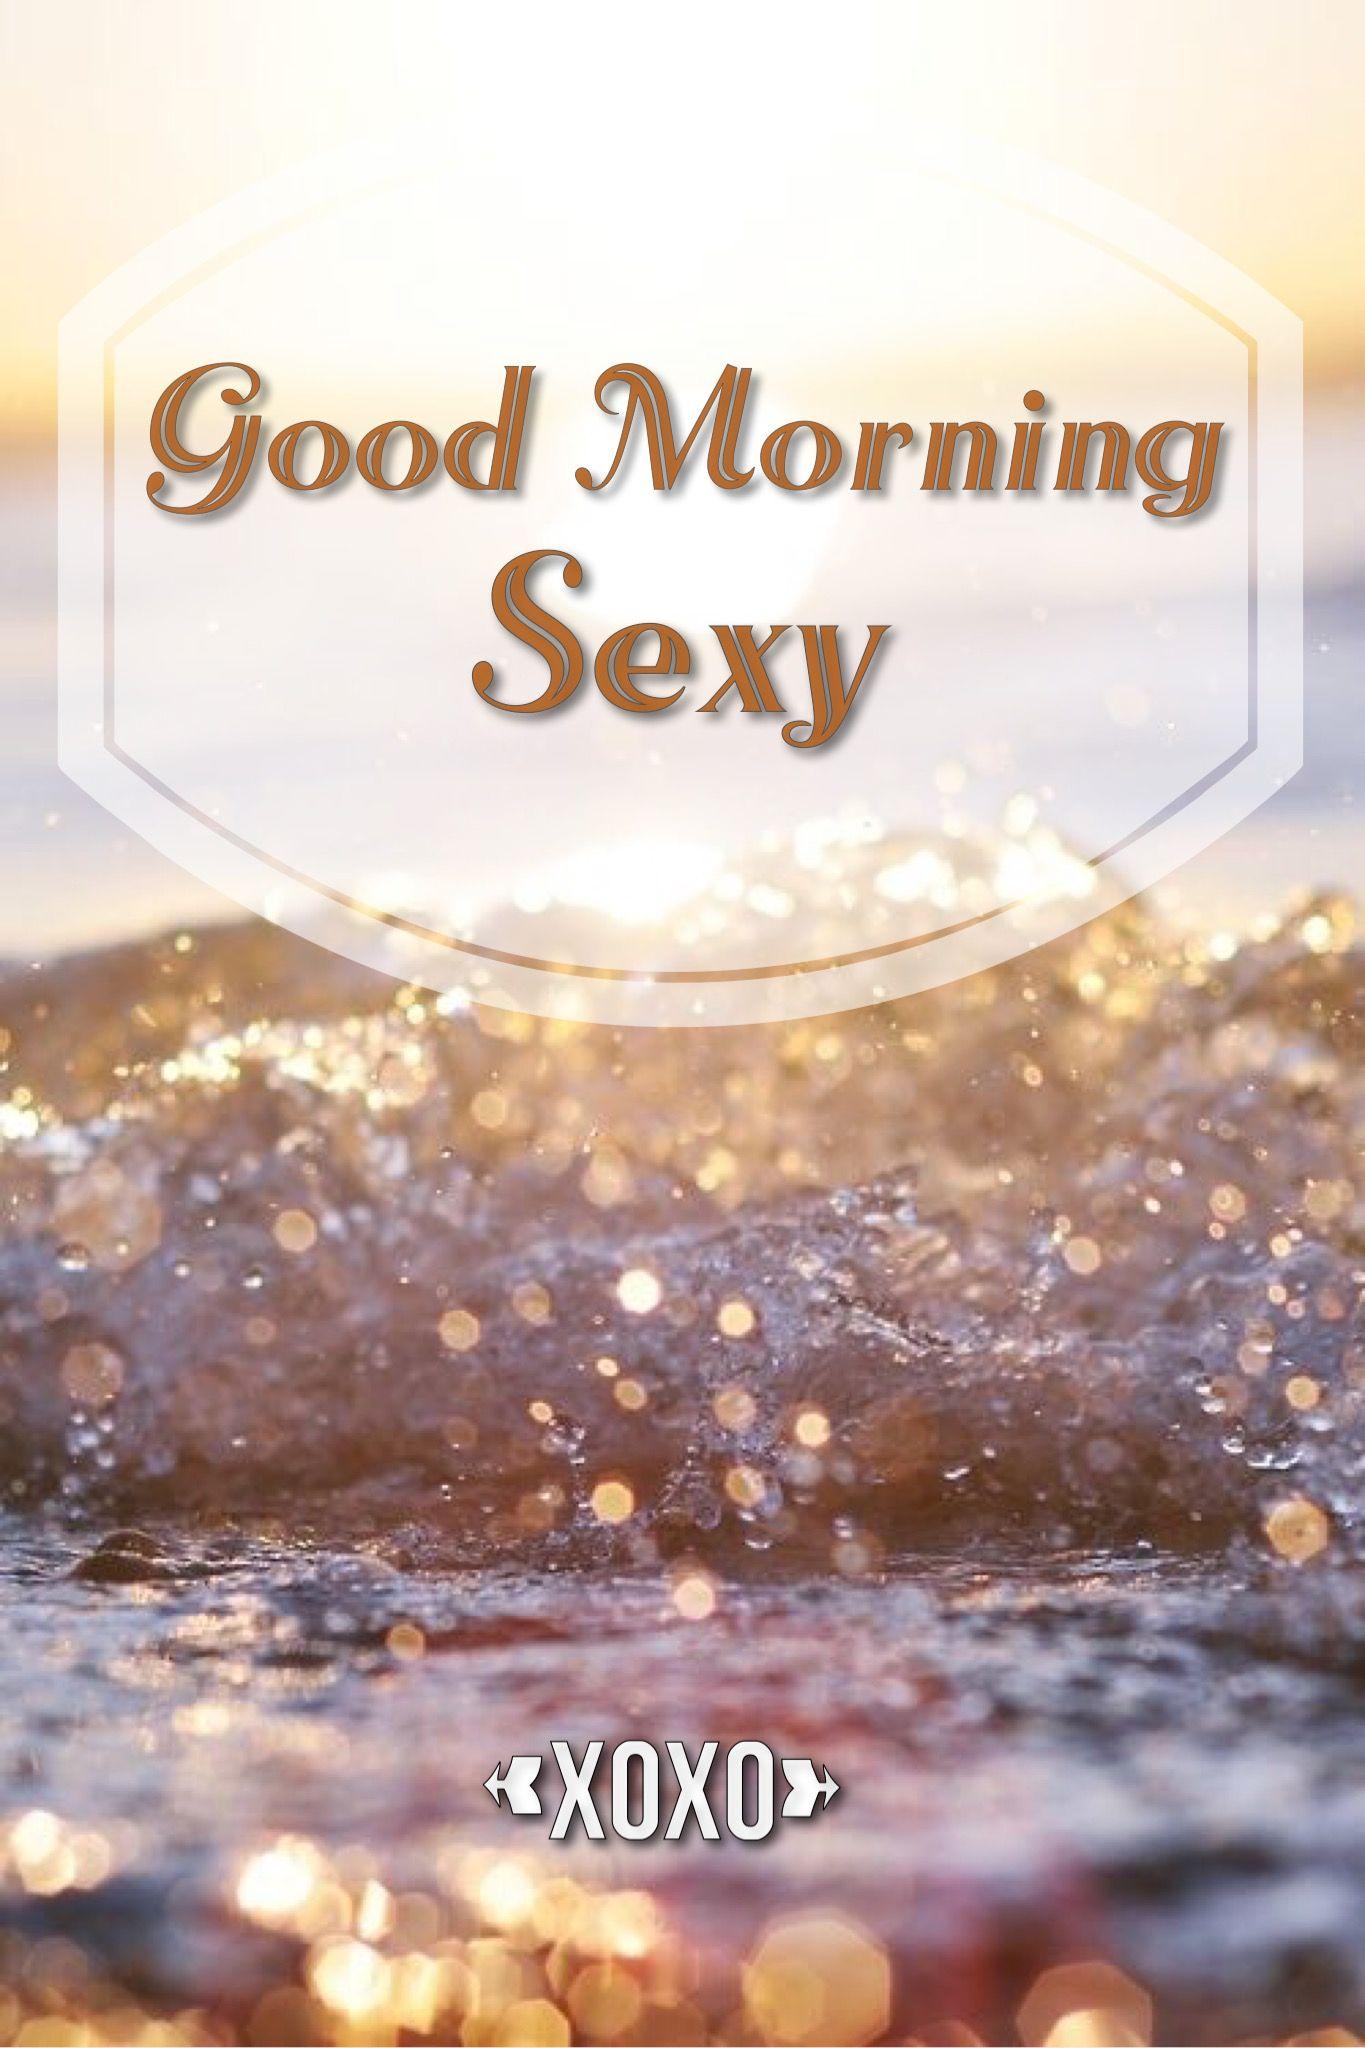 Good Morning y XoXo … GOOD MORNING